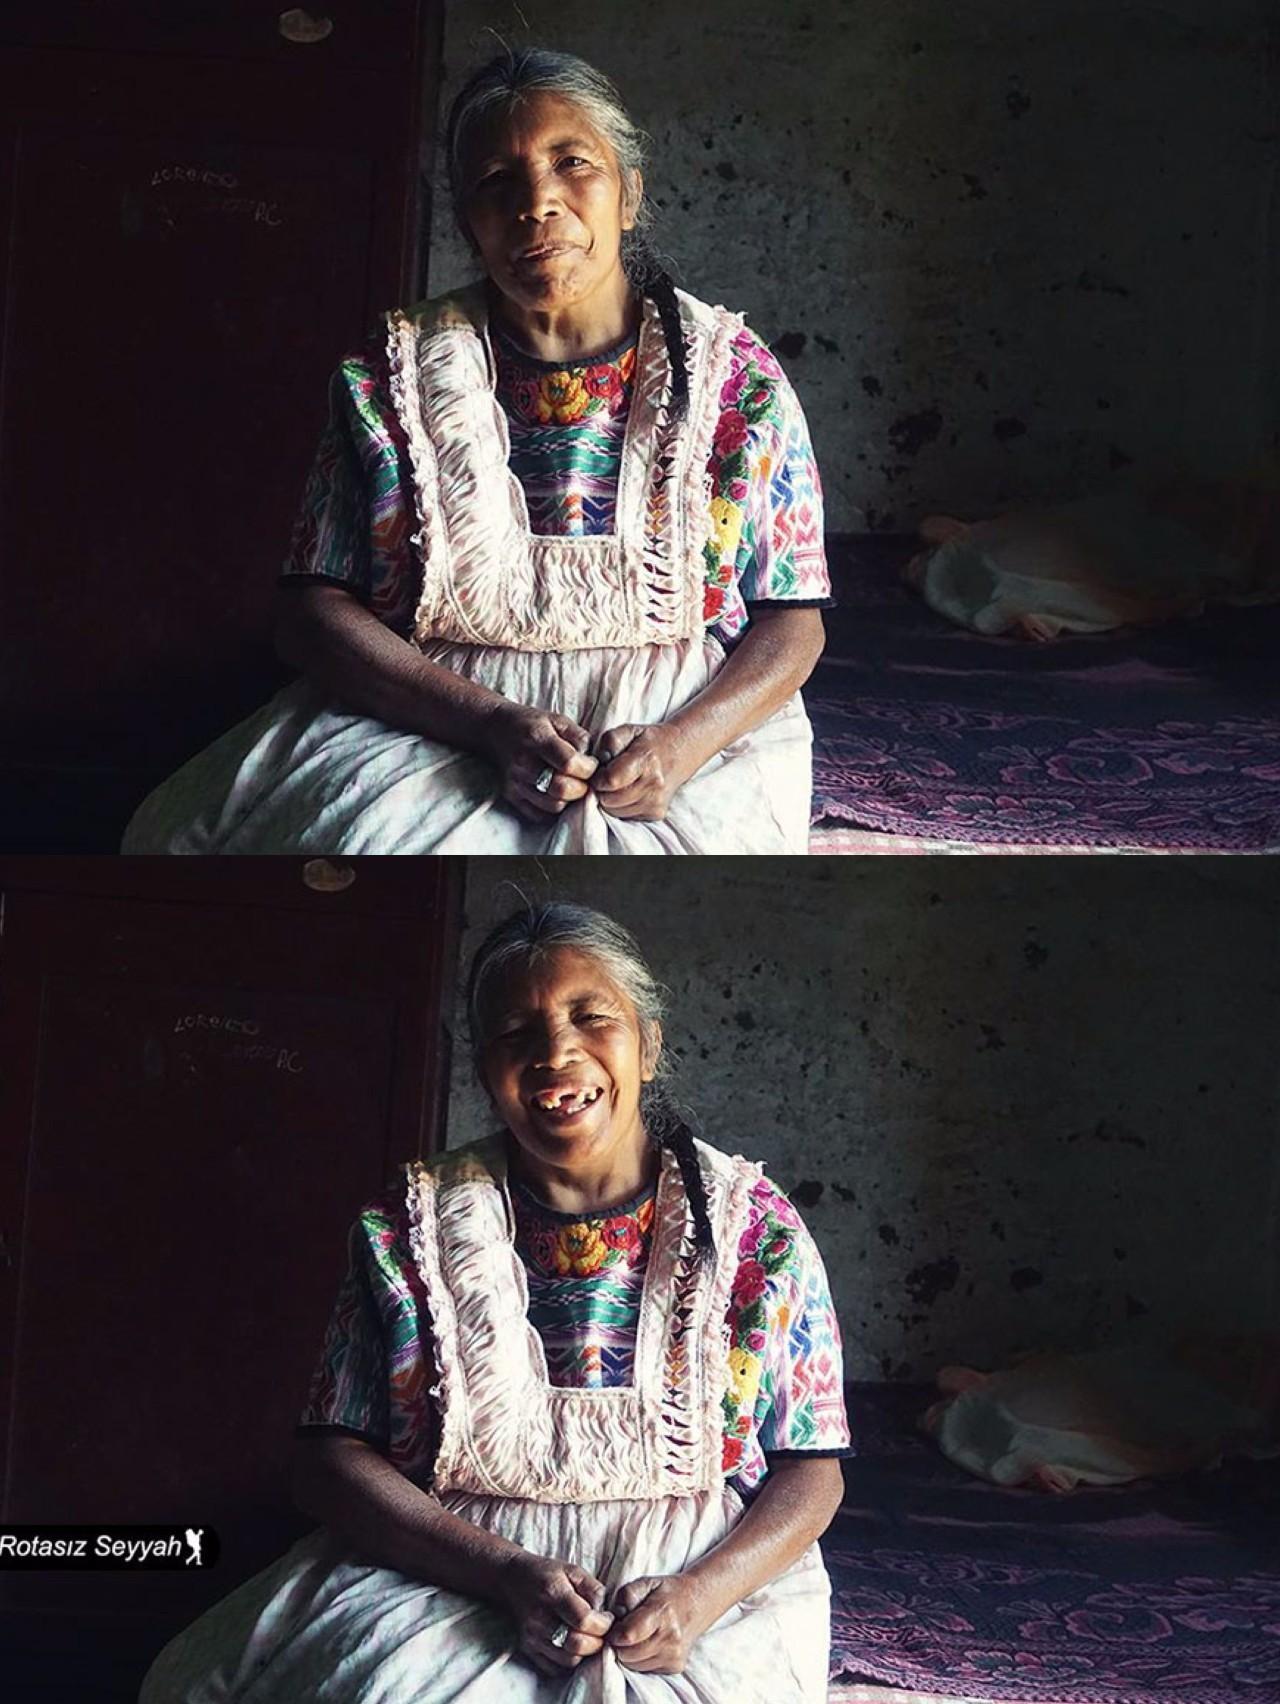 一个世纪难题:拍照时怎么笑得自然?